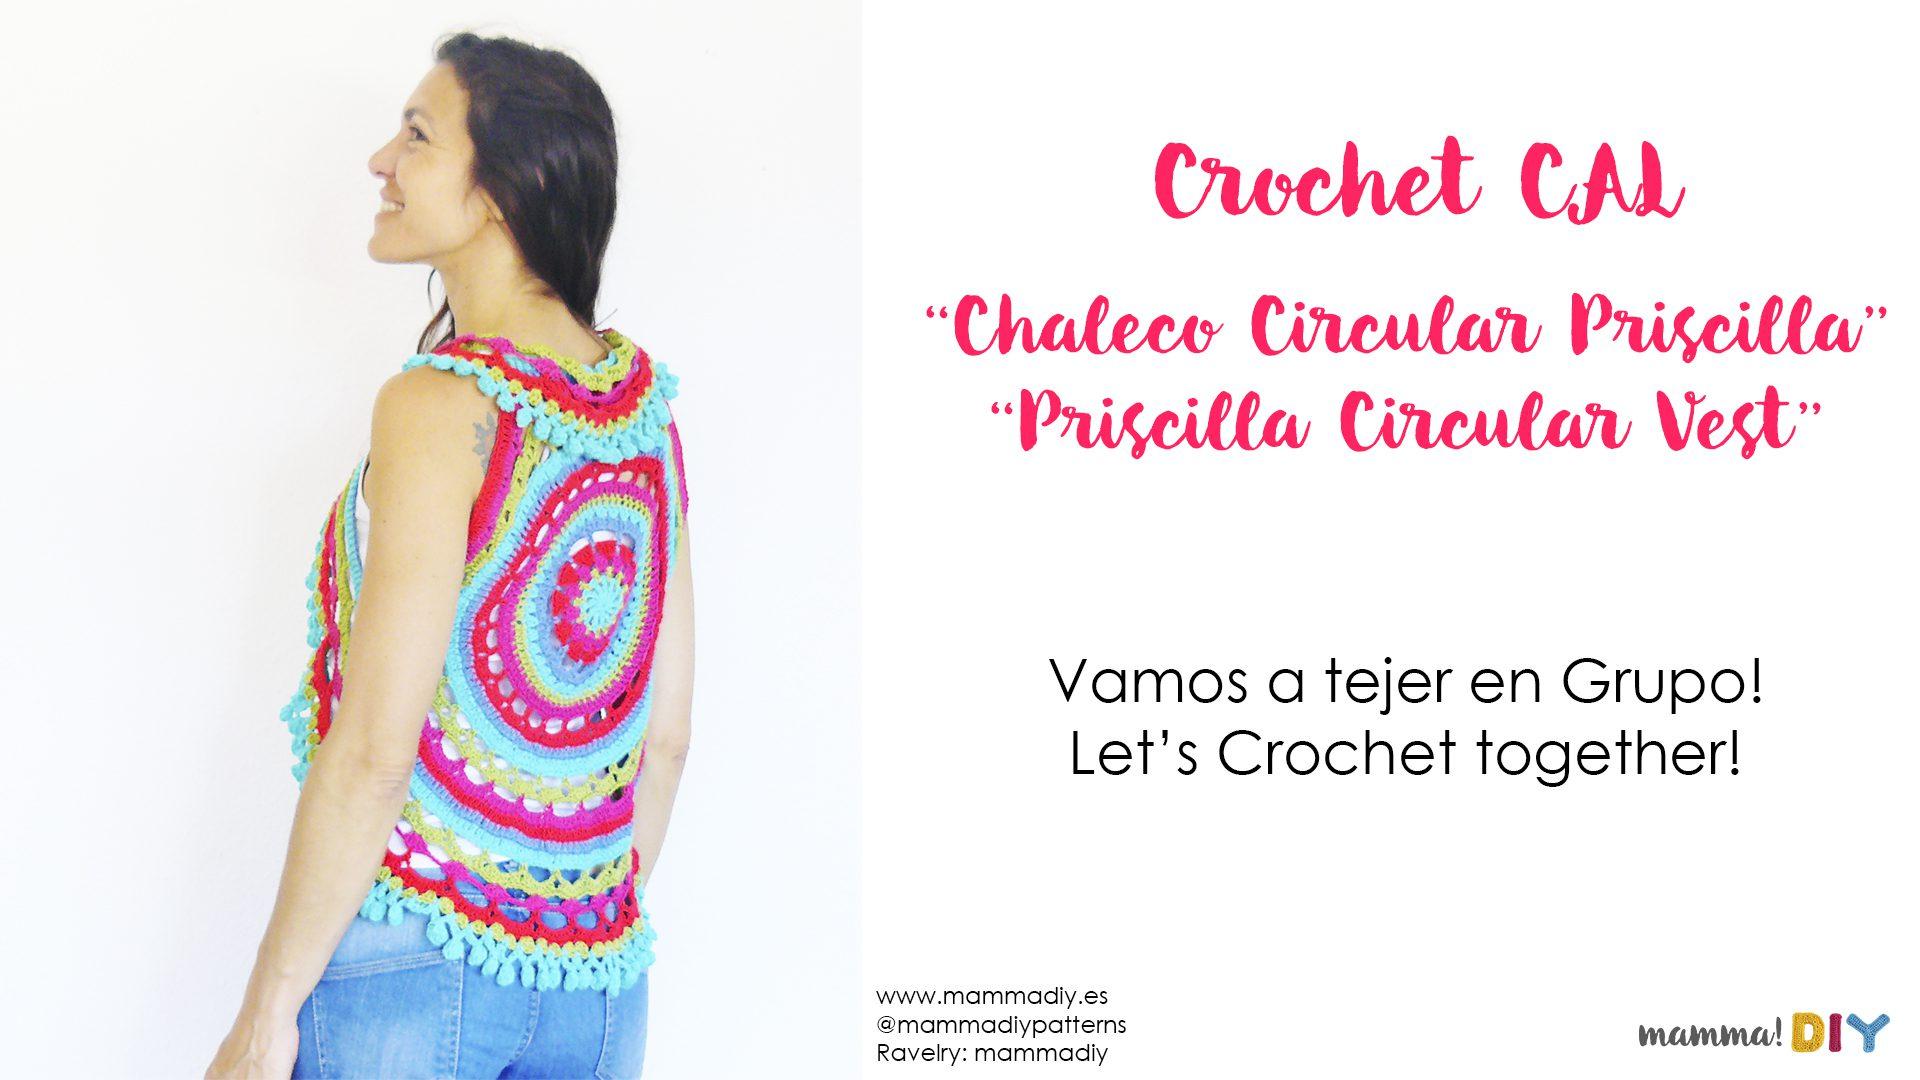 crochet cal priscilla circular vest by mammadiypatterns